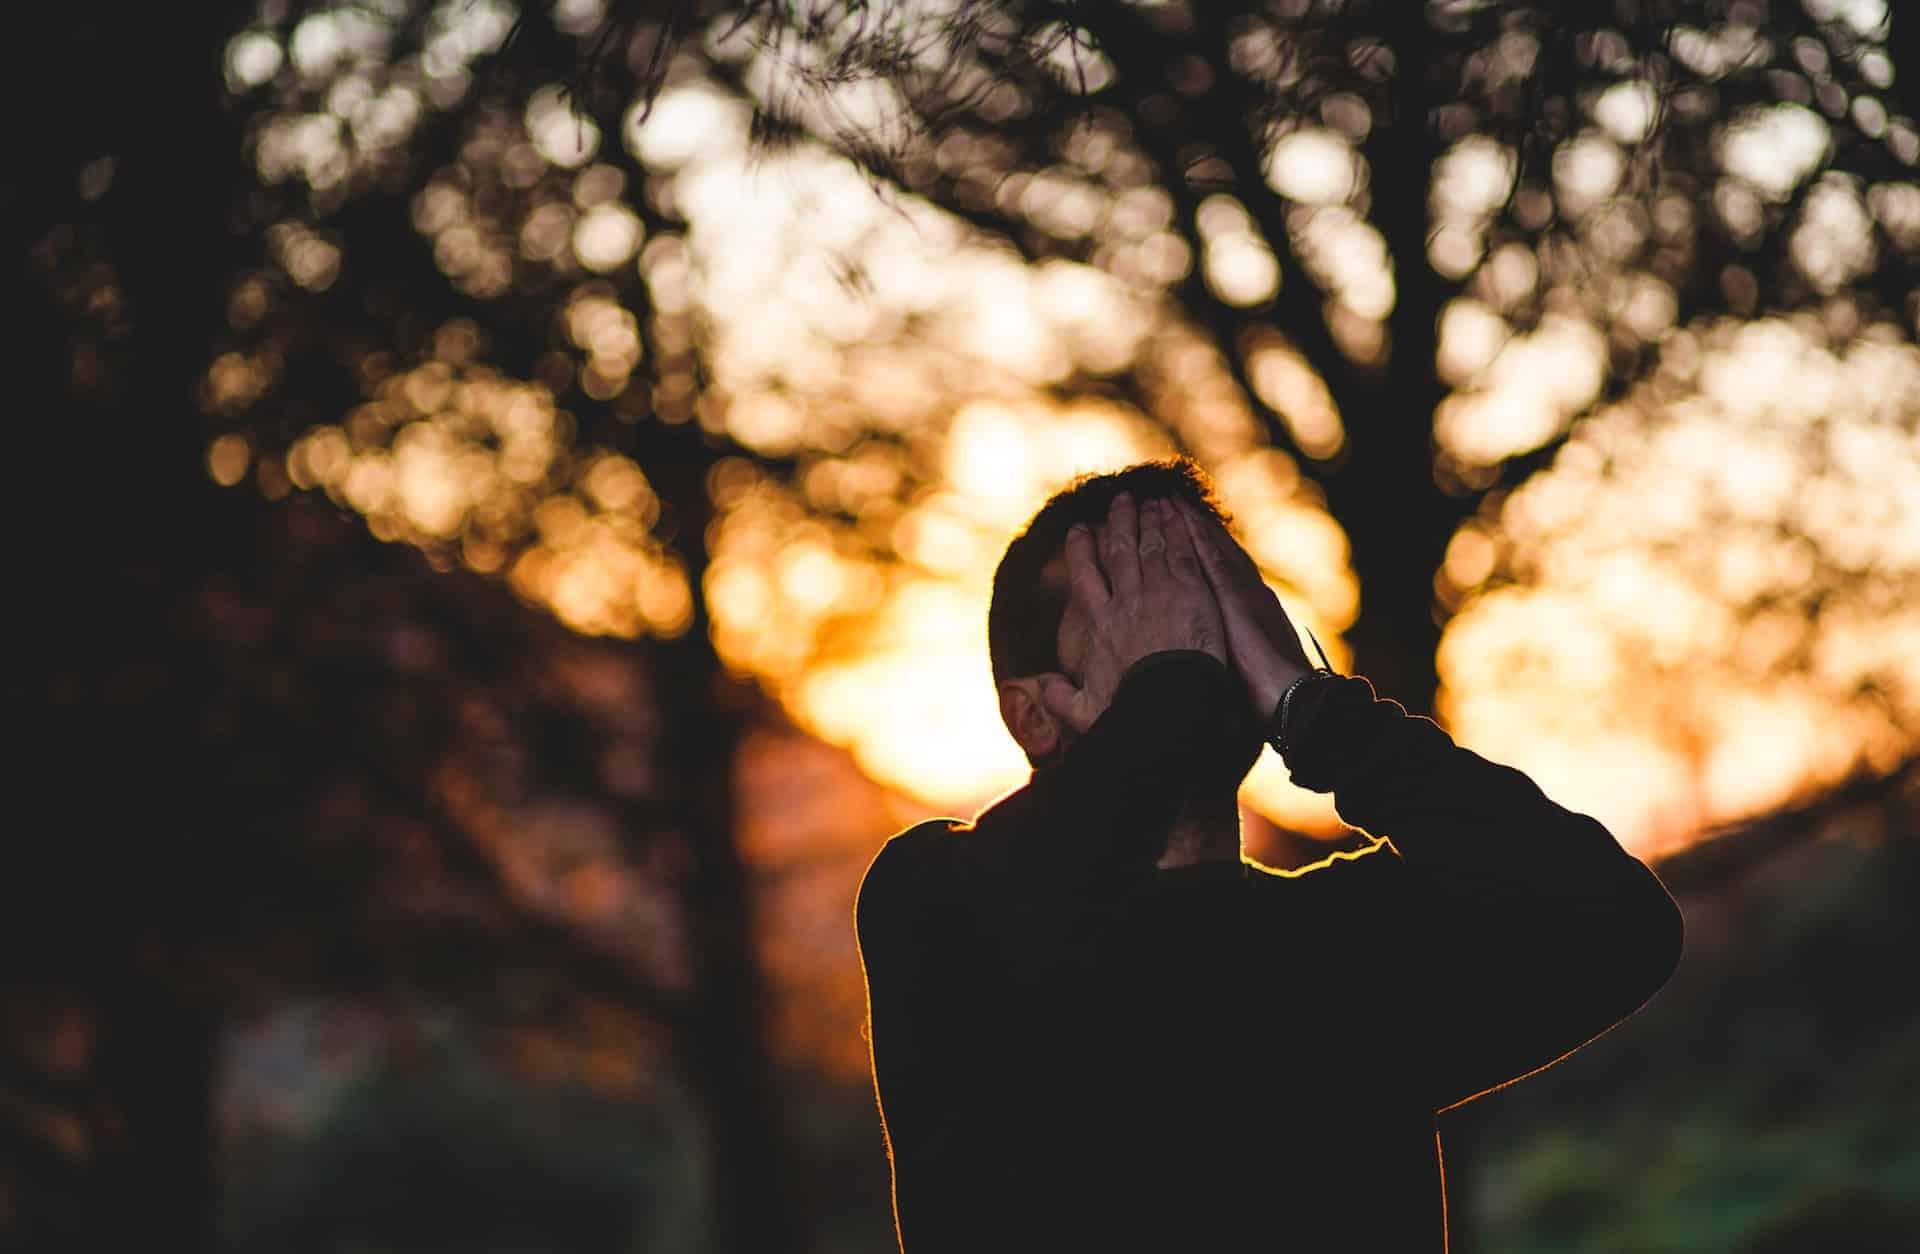 Mann verzweifel draußen im Sonnenuntergang